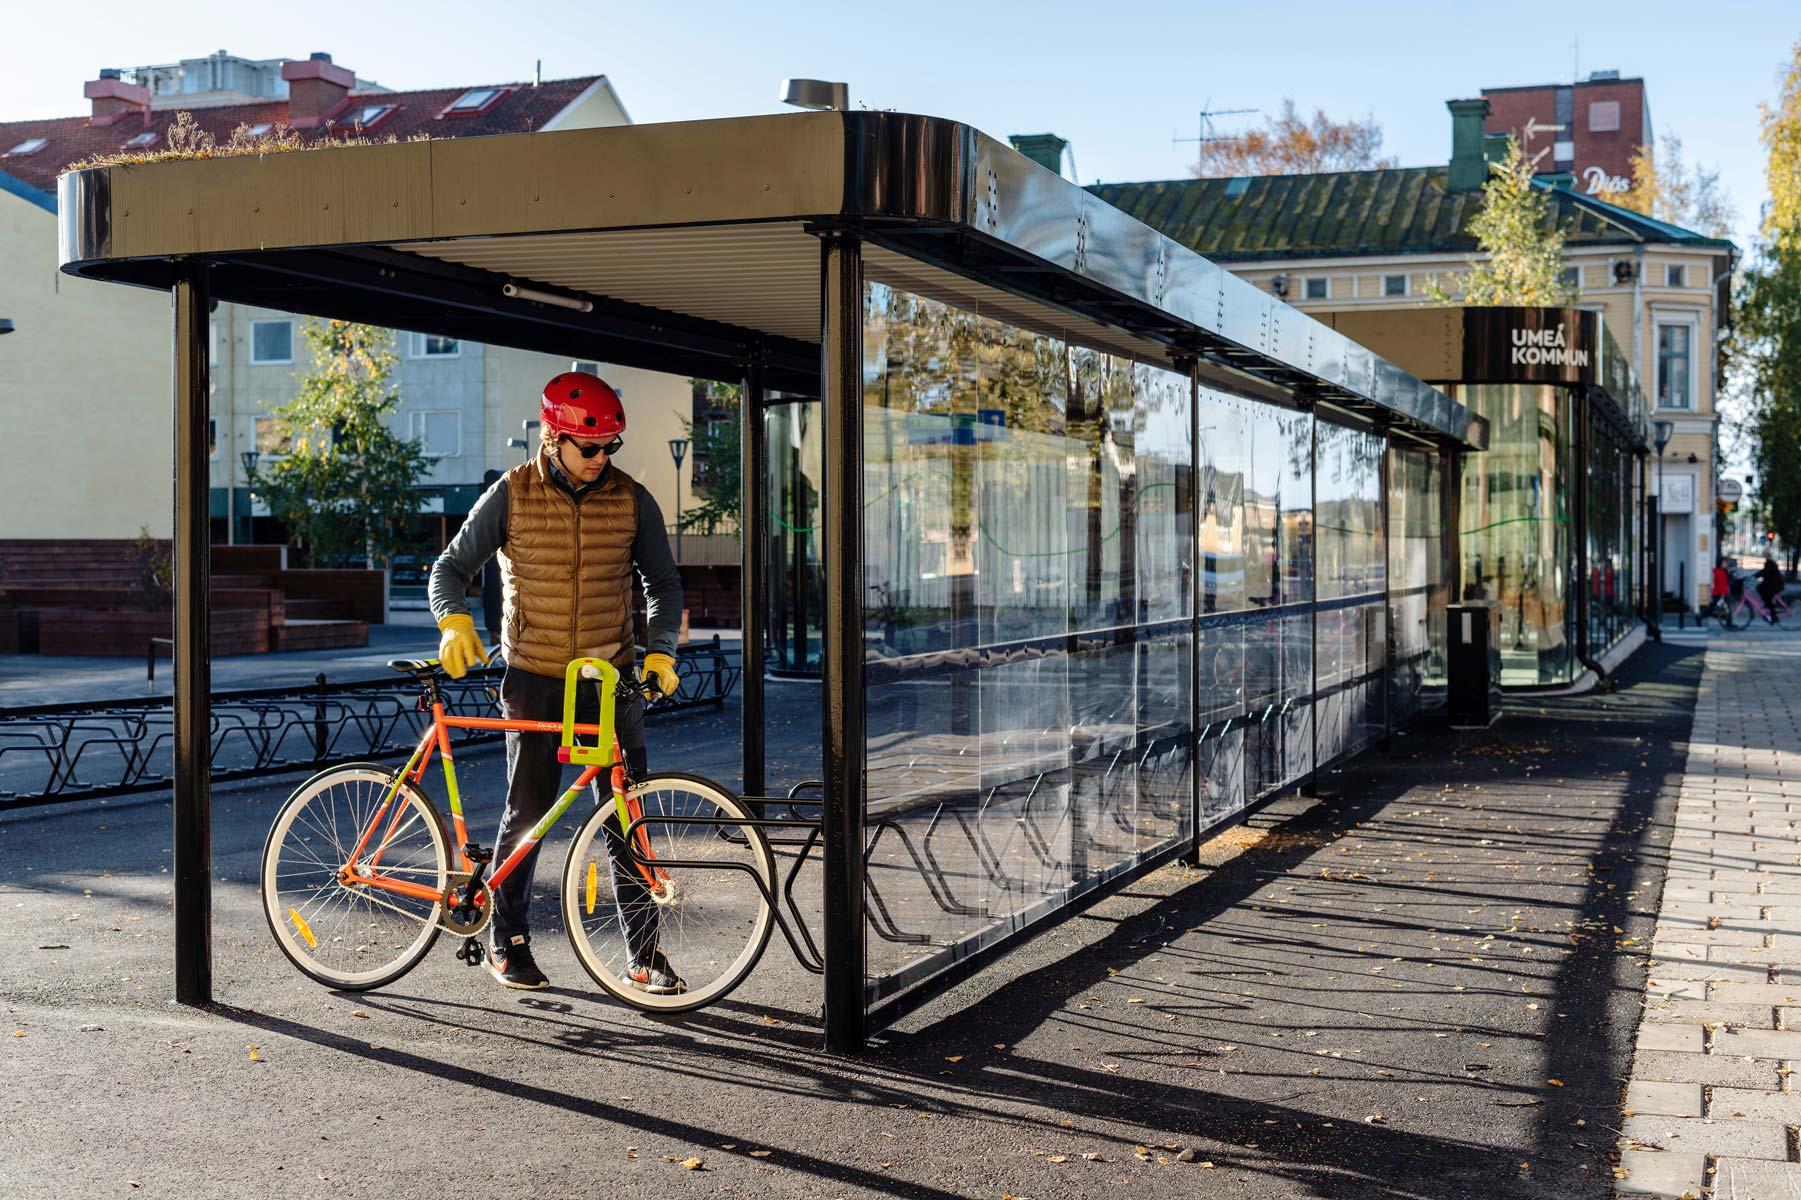 Cykeltak och cykelställ där cyklist parkerar sin rödgröna cykel